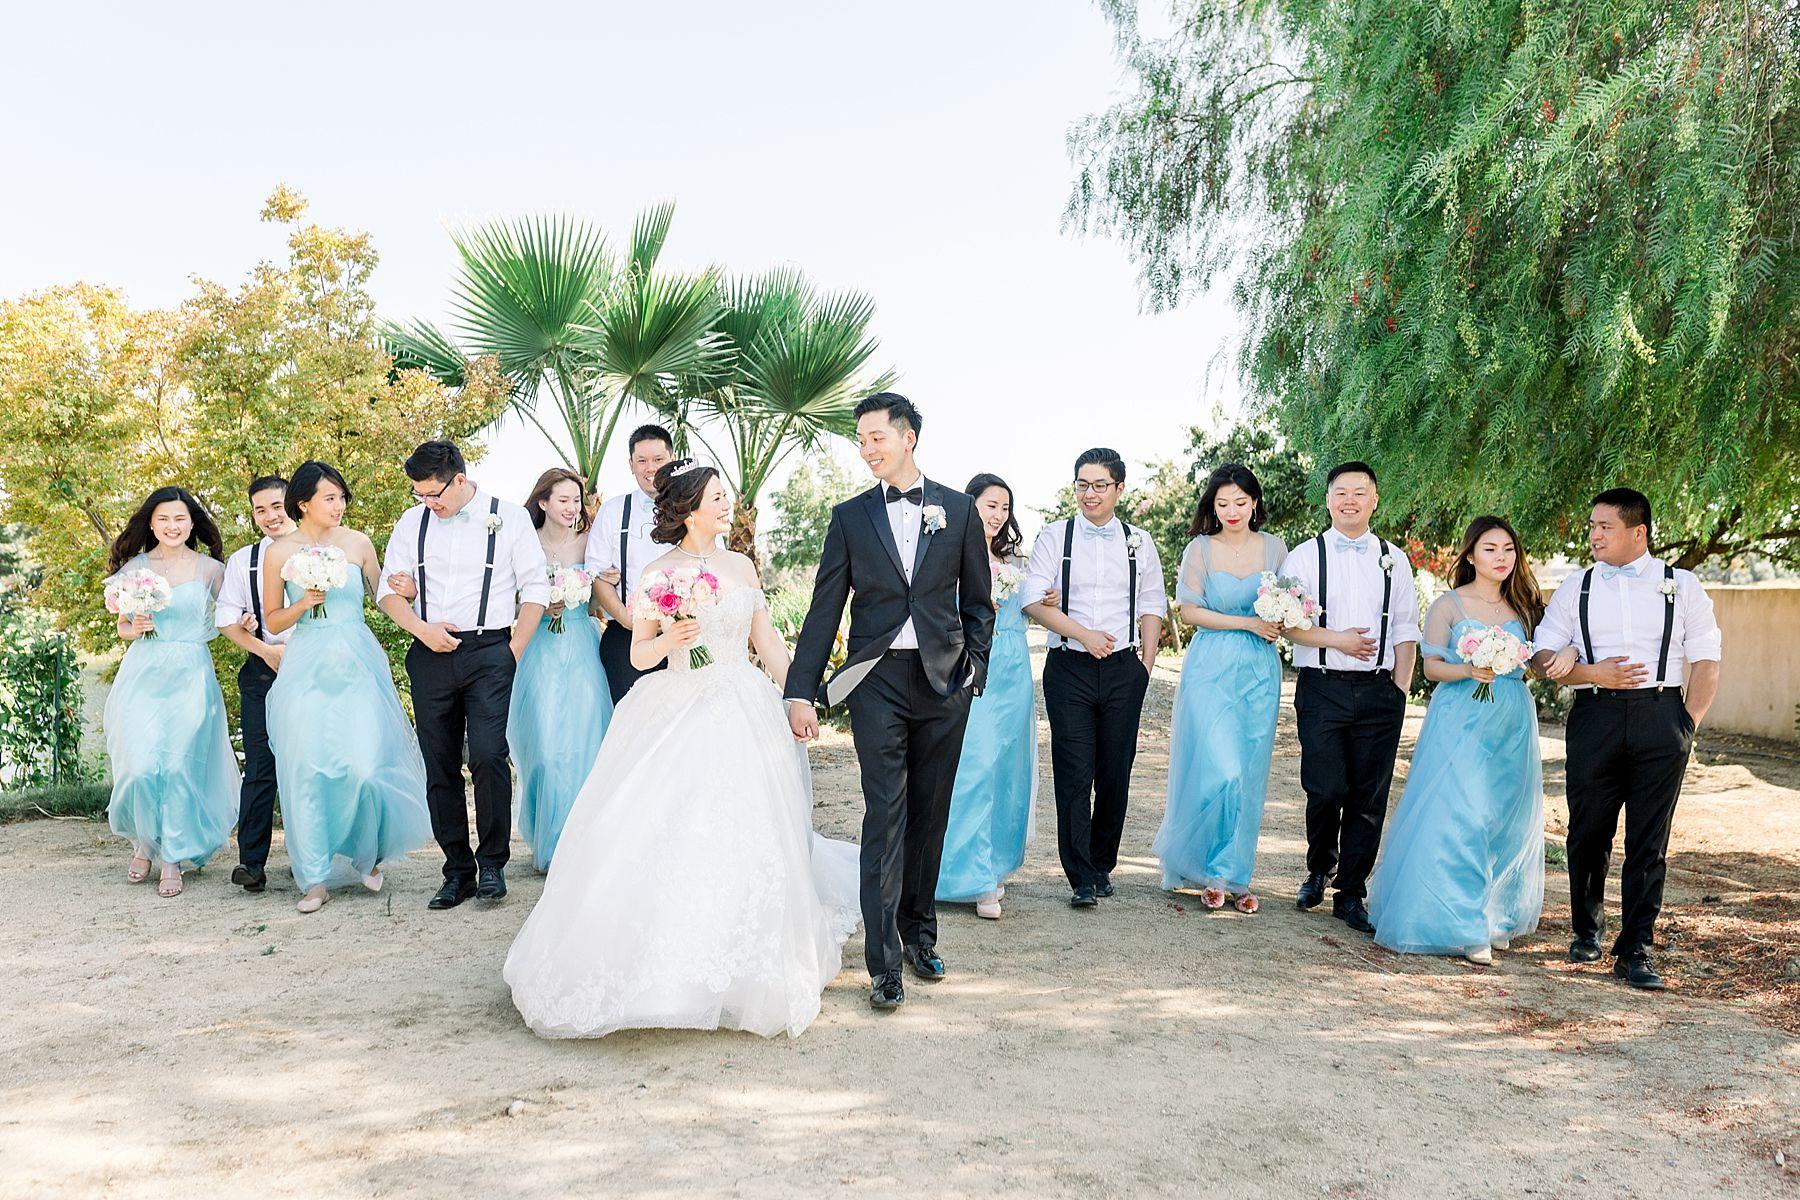 Newberry Estate Vineyards Wedding - Ashley Baumgartner - Jasmine and Johhny - Bay Area Wedding Photographer - Sacramento Wedding Photographer_0018.jpg